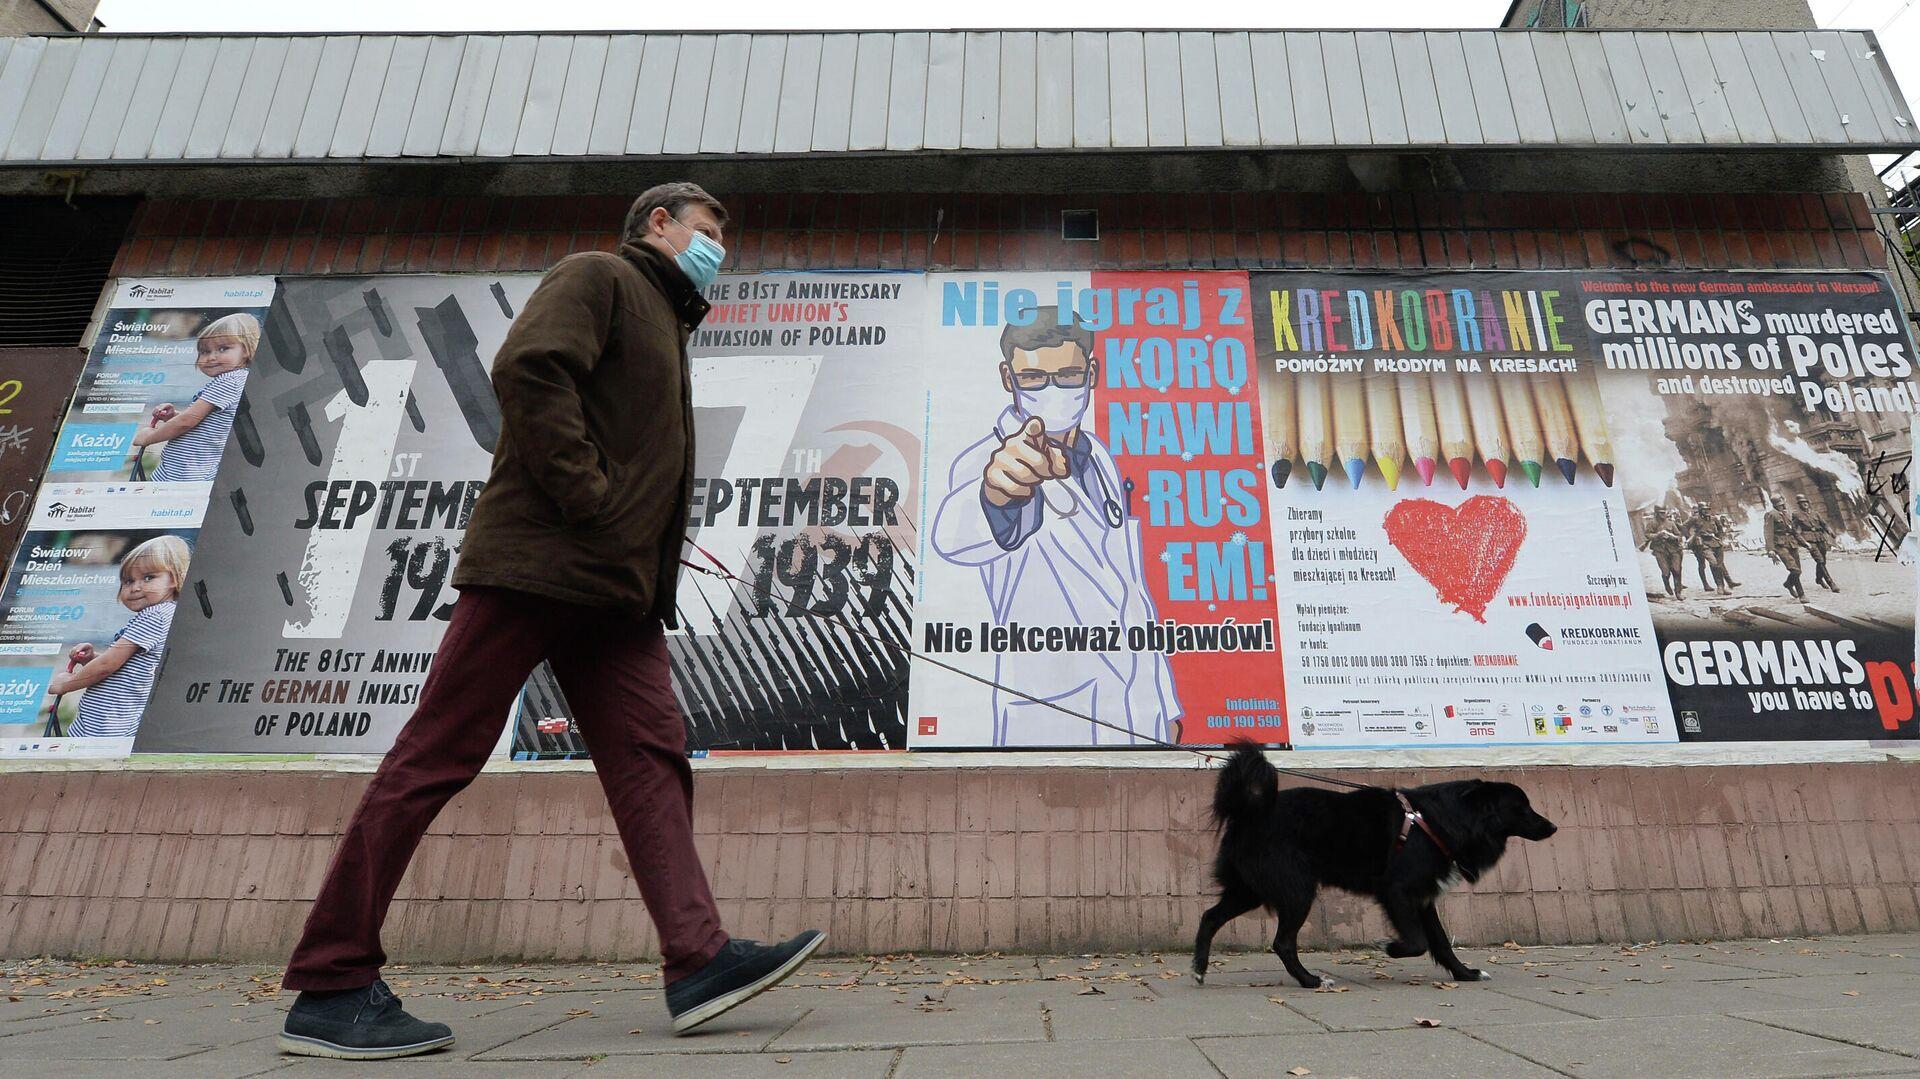 Мужчина с собакой проходит мимо плаката с предупреждением о том, что нельзя игнорировать симптомы COVID-19 в Варшаве - РИА Новости, 1920, 04.05.2021